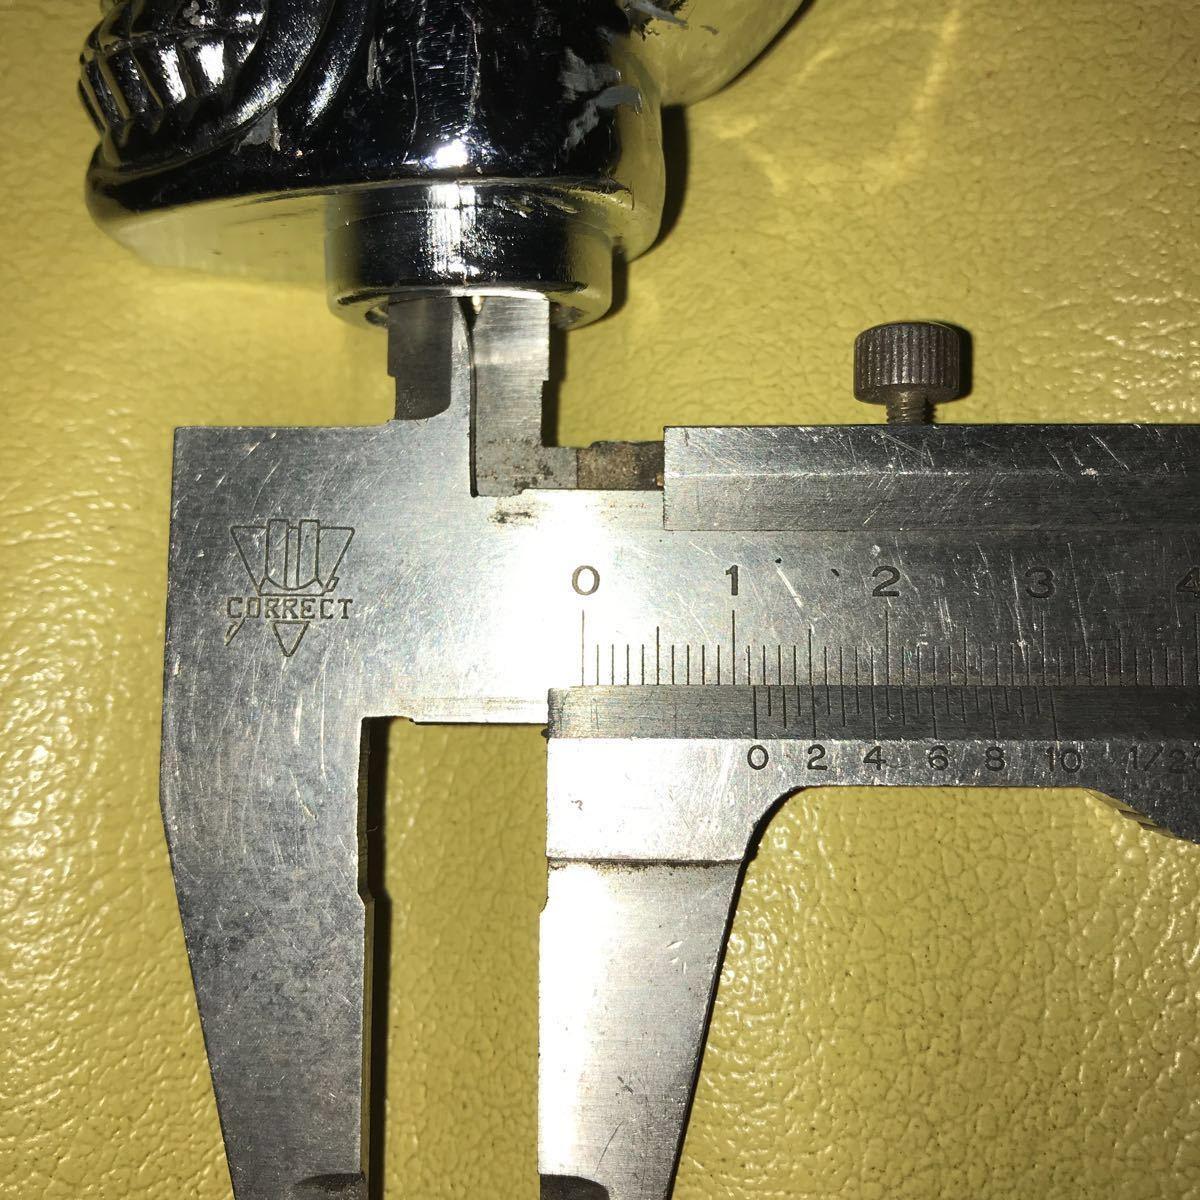 スカル シフトノブ クローム ビンテージ チョッパー ボバー ホットロッド カスタム chopper bobber hotrod kustom vintage_画像6